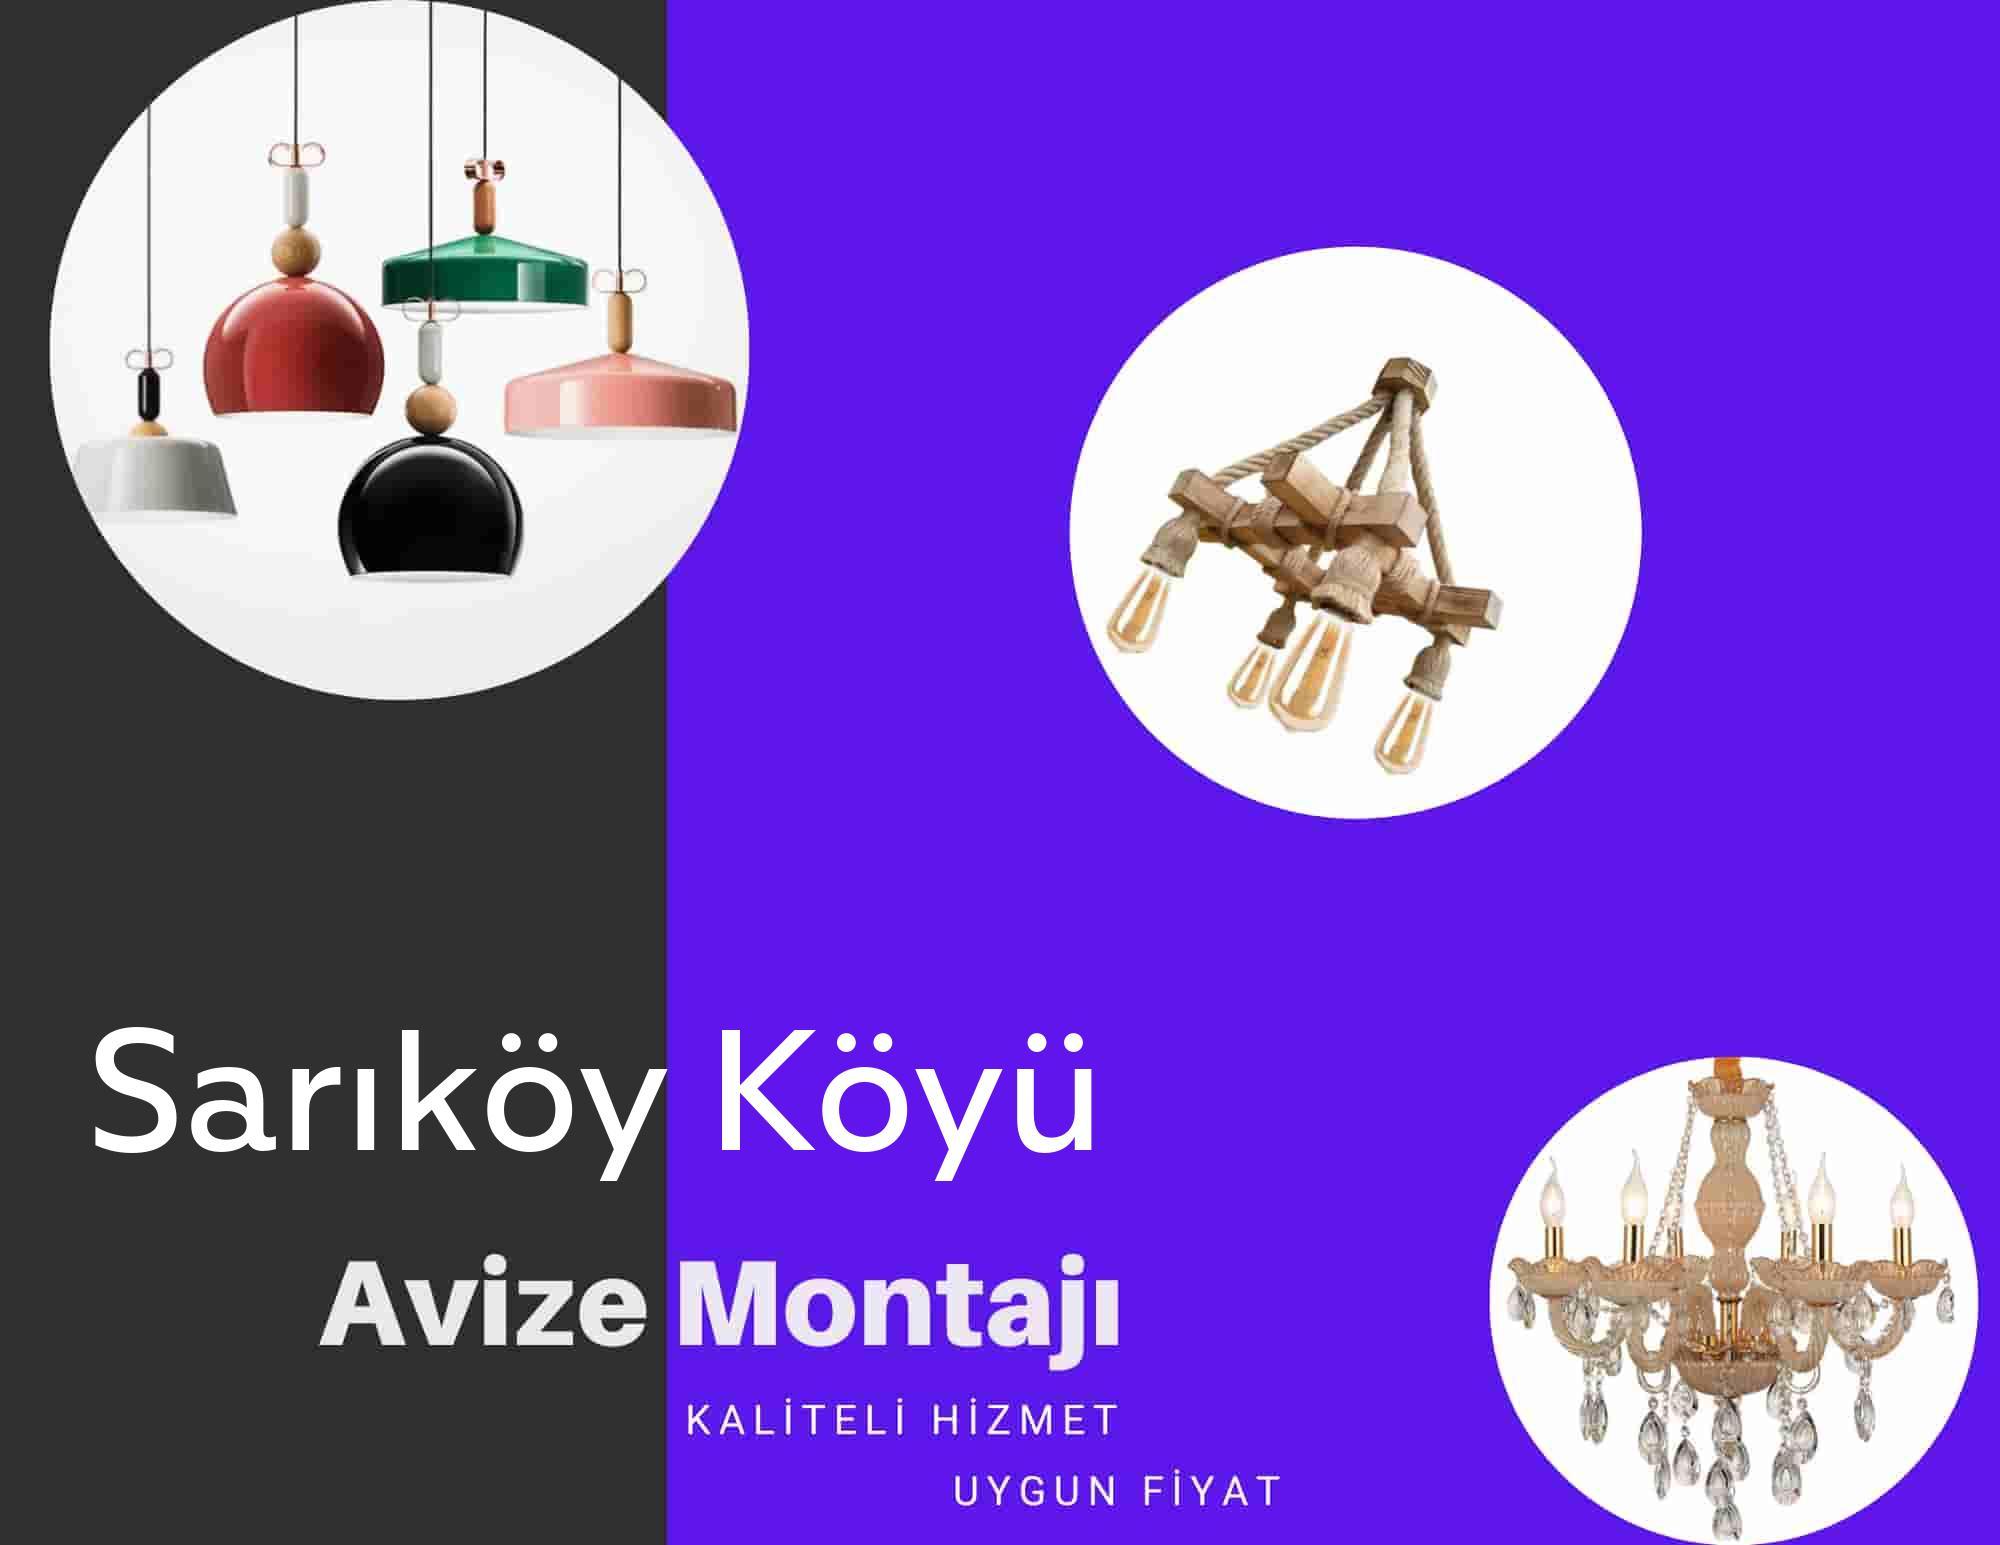 Sarıköy Köyüde avize montajı yapan yerler arıyorsanız elektrikcicagir anında size profesyonel avize montajı ustasını yönlendirir.